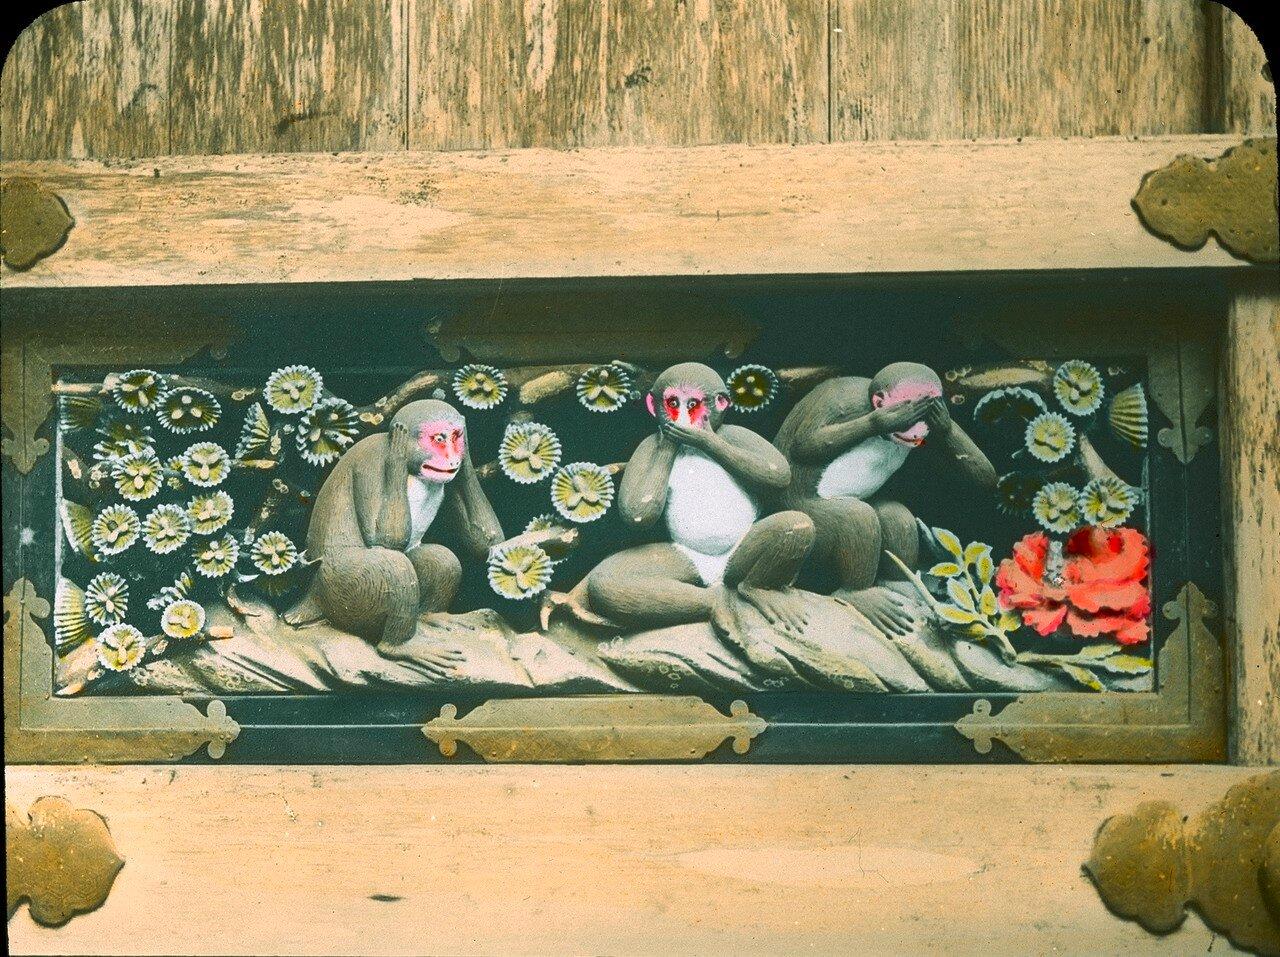 Никко. Тосё-гу. Знаменитая резьба Три обезьяны на входе в Священную конюшню